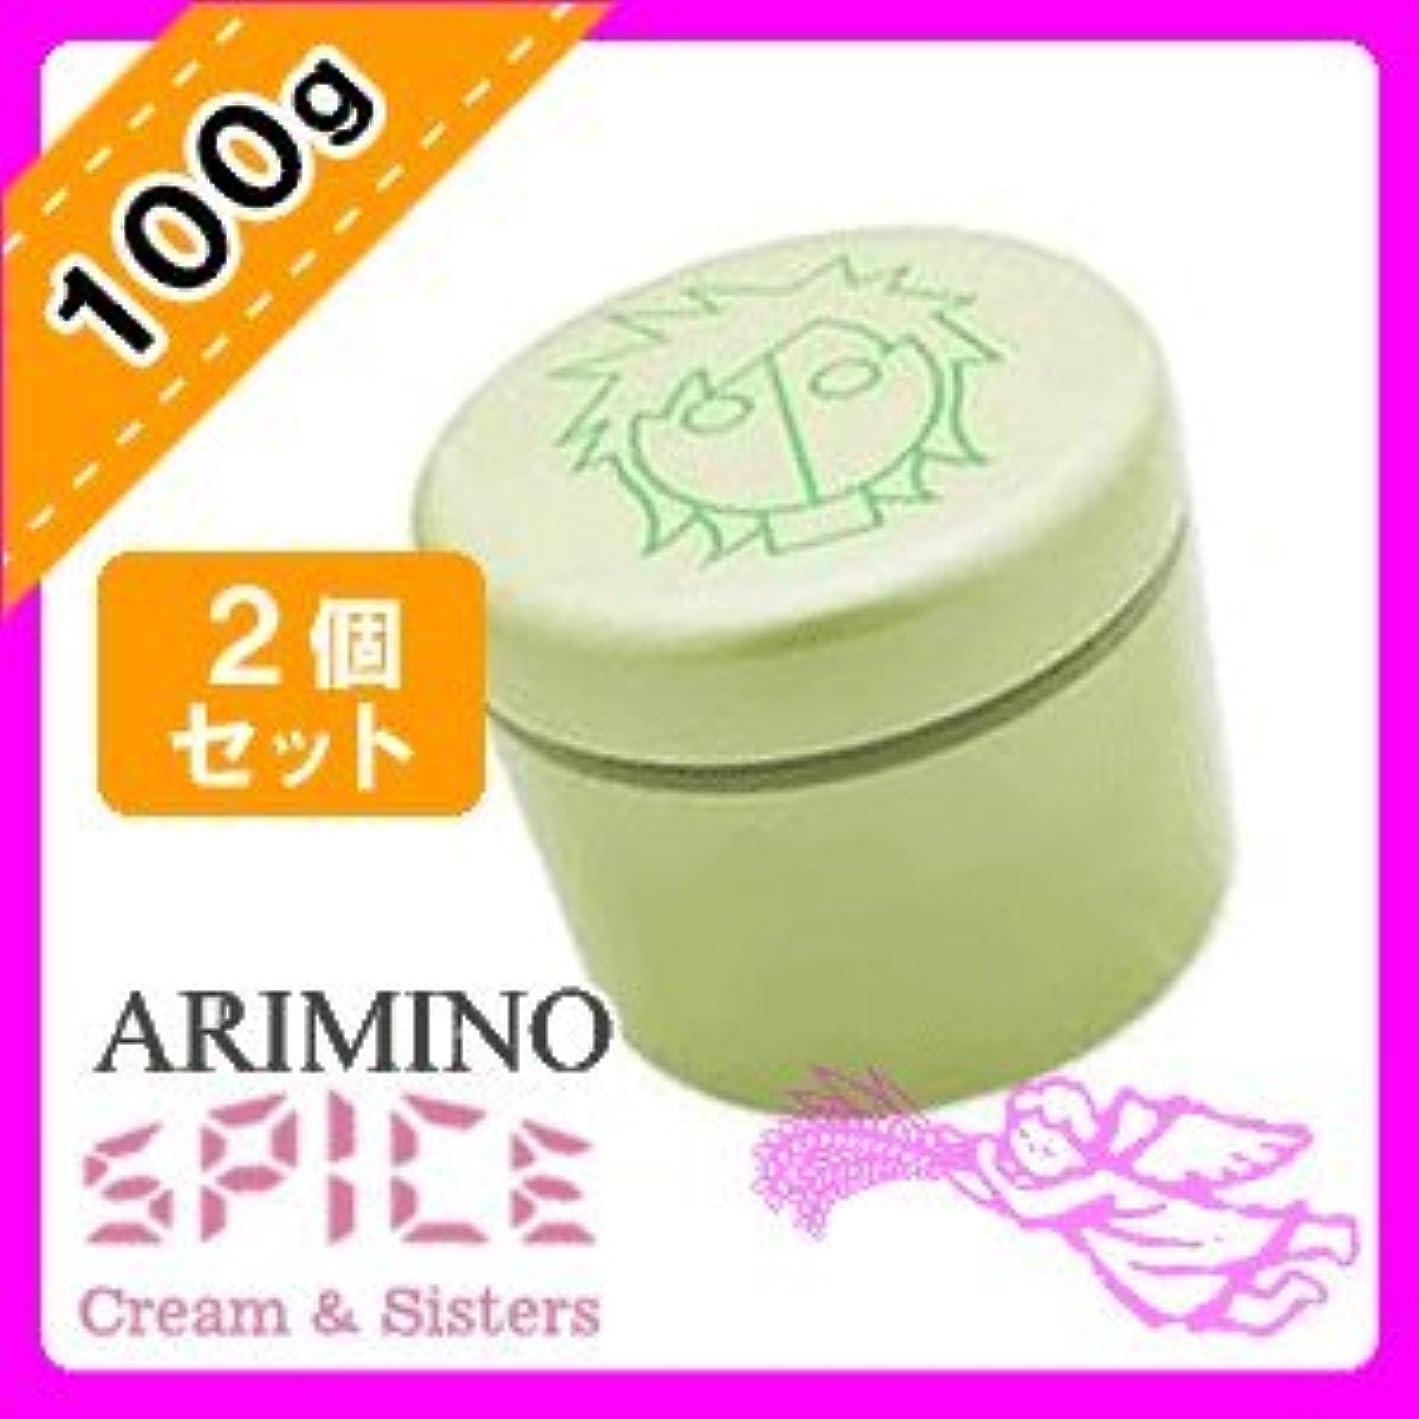 証明書血色の良い製品アリミノ スパイスネオ ハードワックス 100g ×2個 セット arimino SPICE